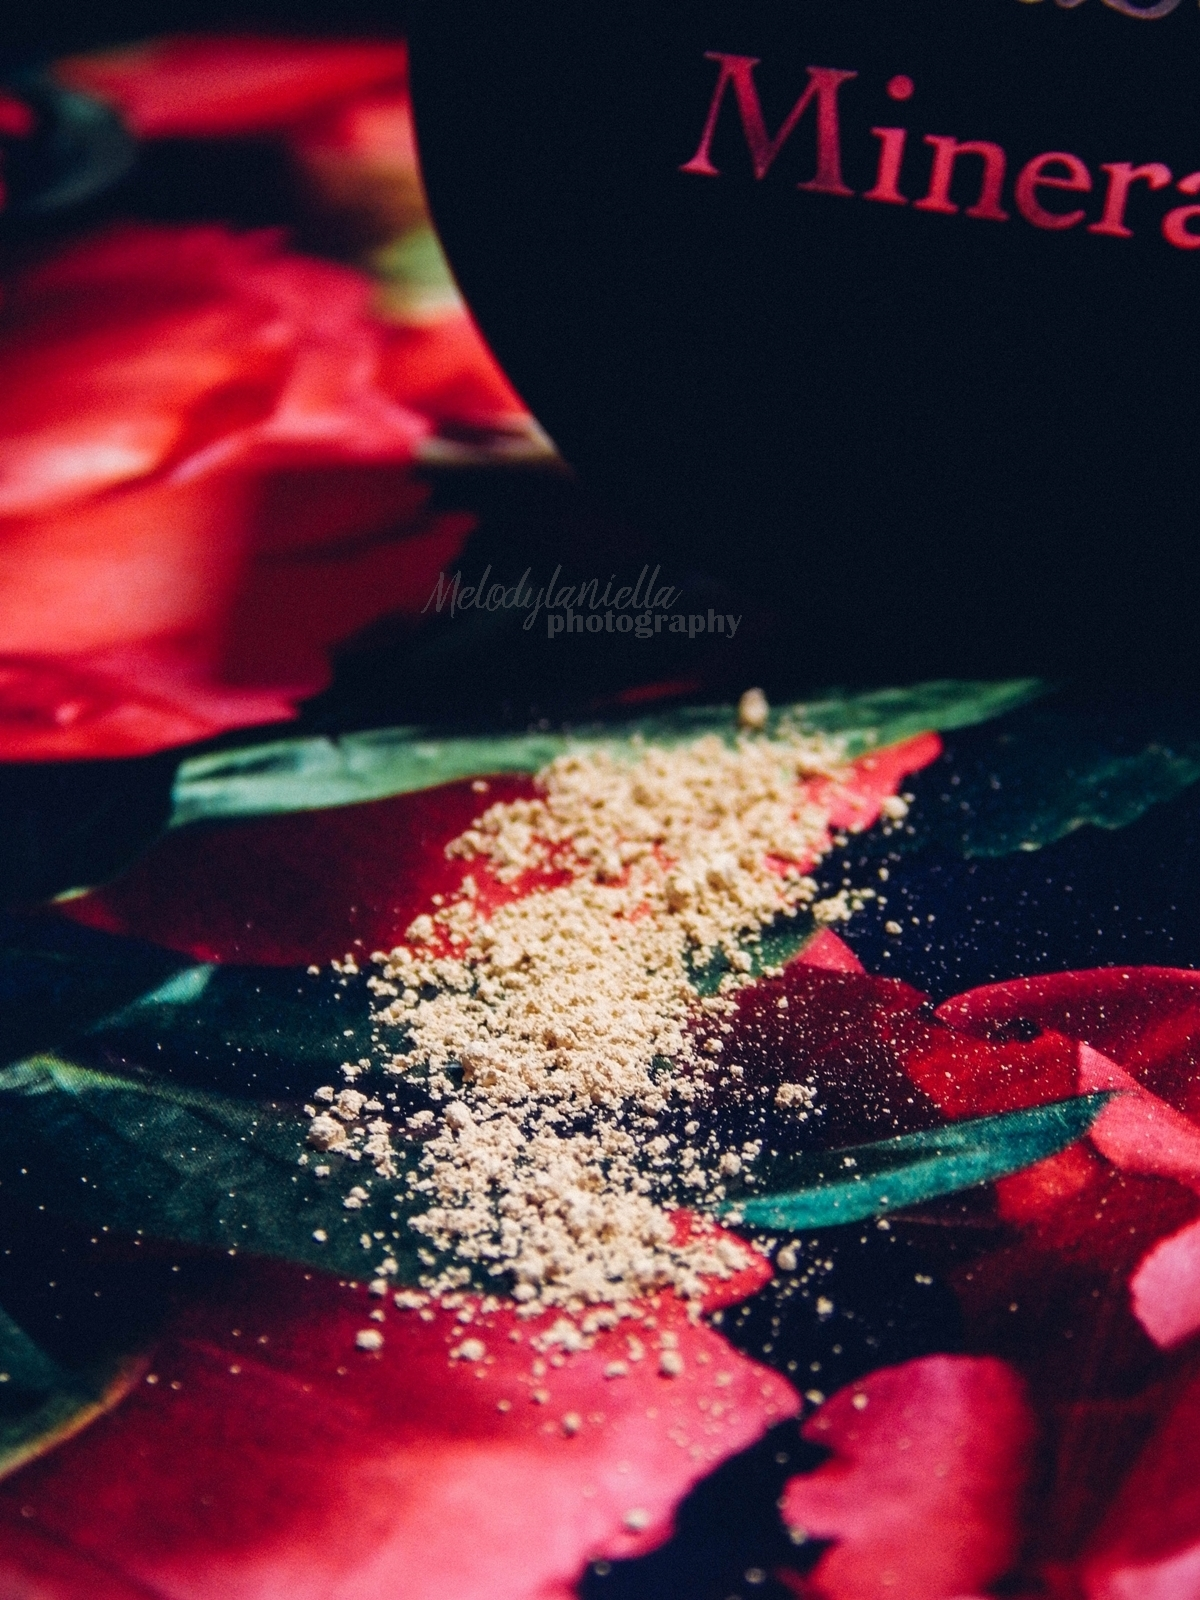 annabelle minerals kosmetyki mineralne zestaw matujący korektor podkład róż gratis pędzel jak używać kosmetyków mineralnych recenzja melodylaniella kosmetyczne nowosci